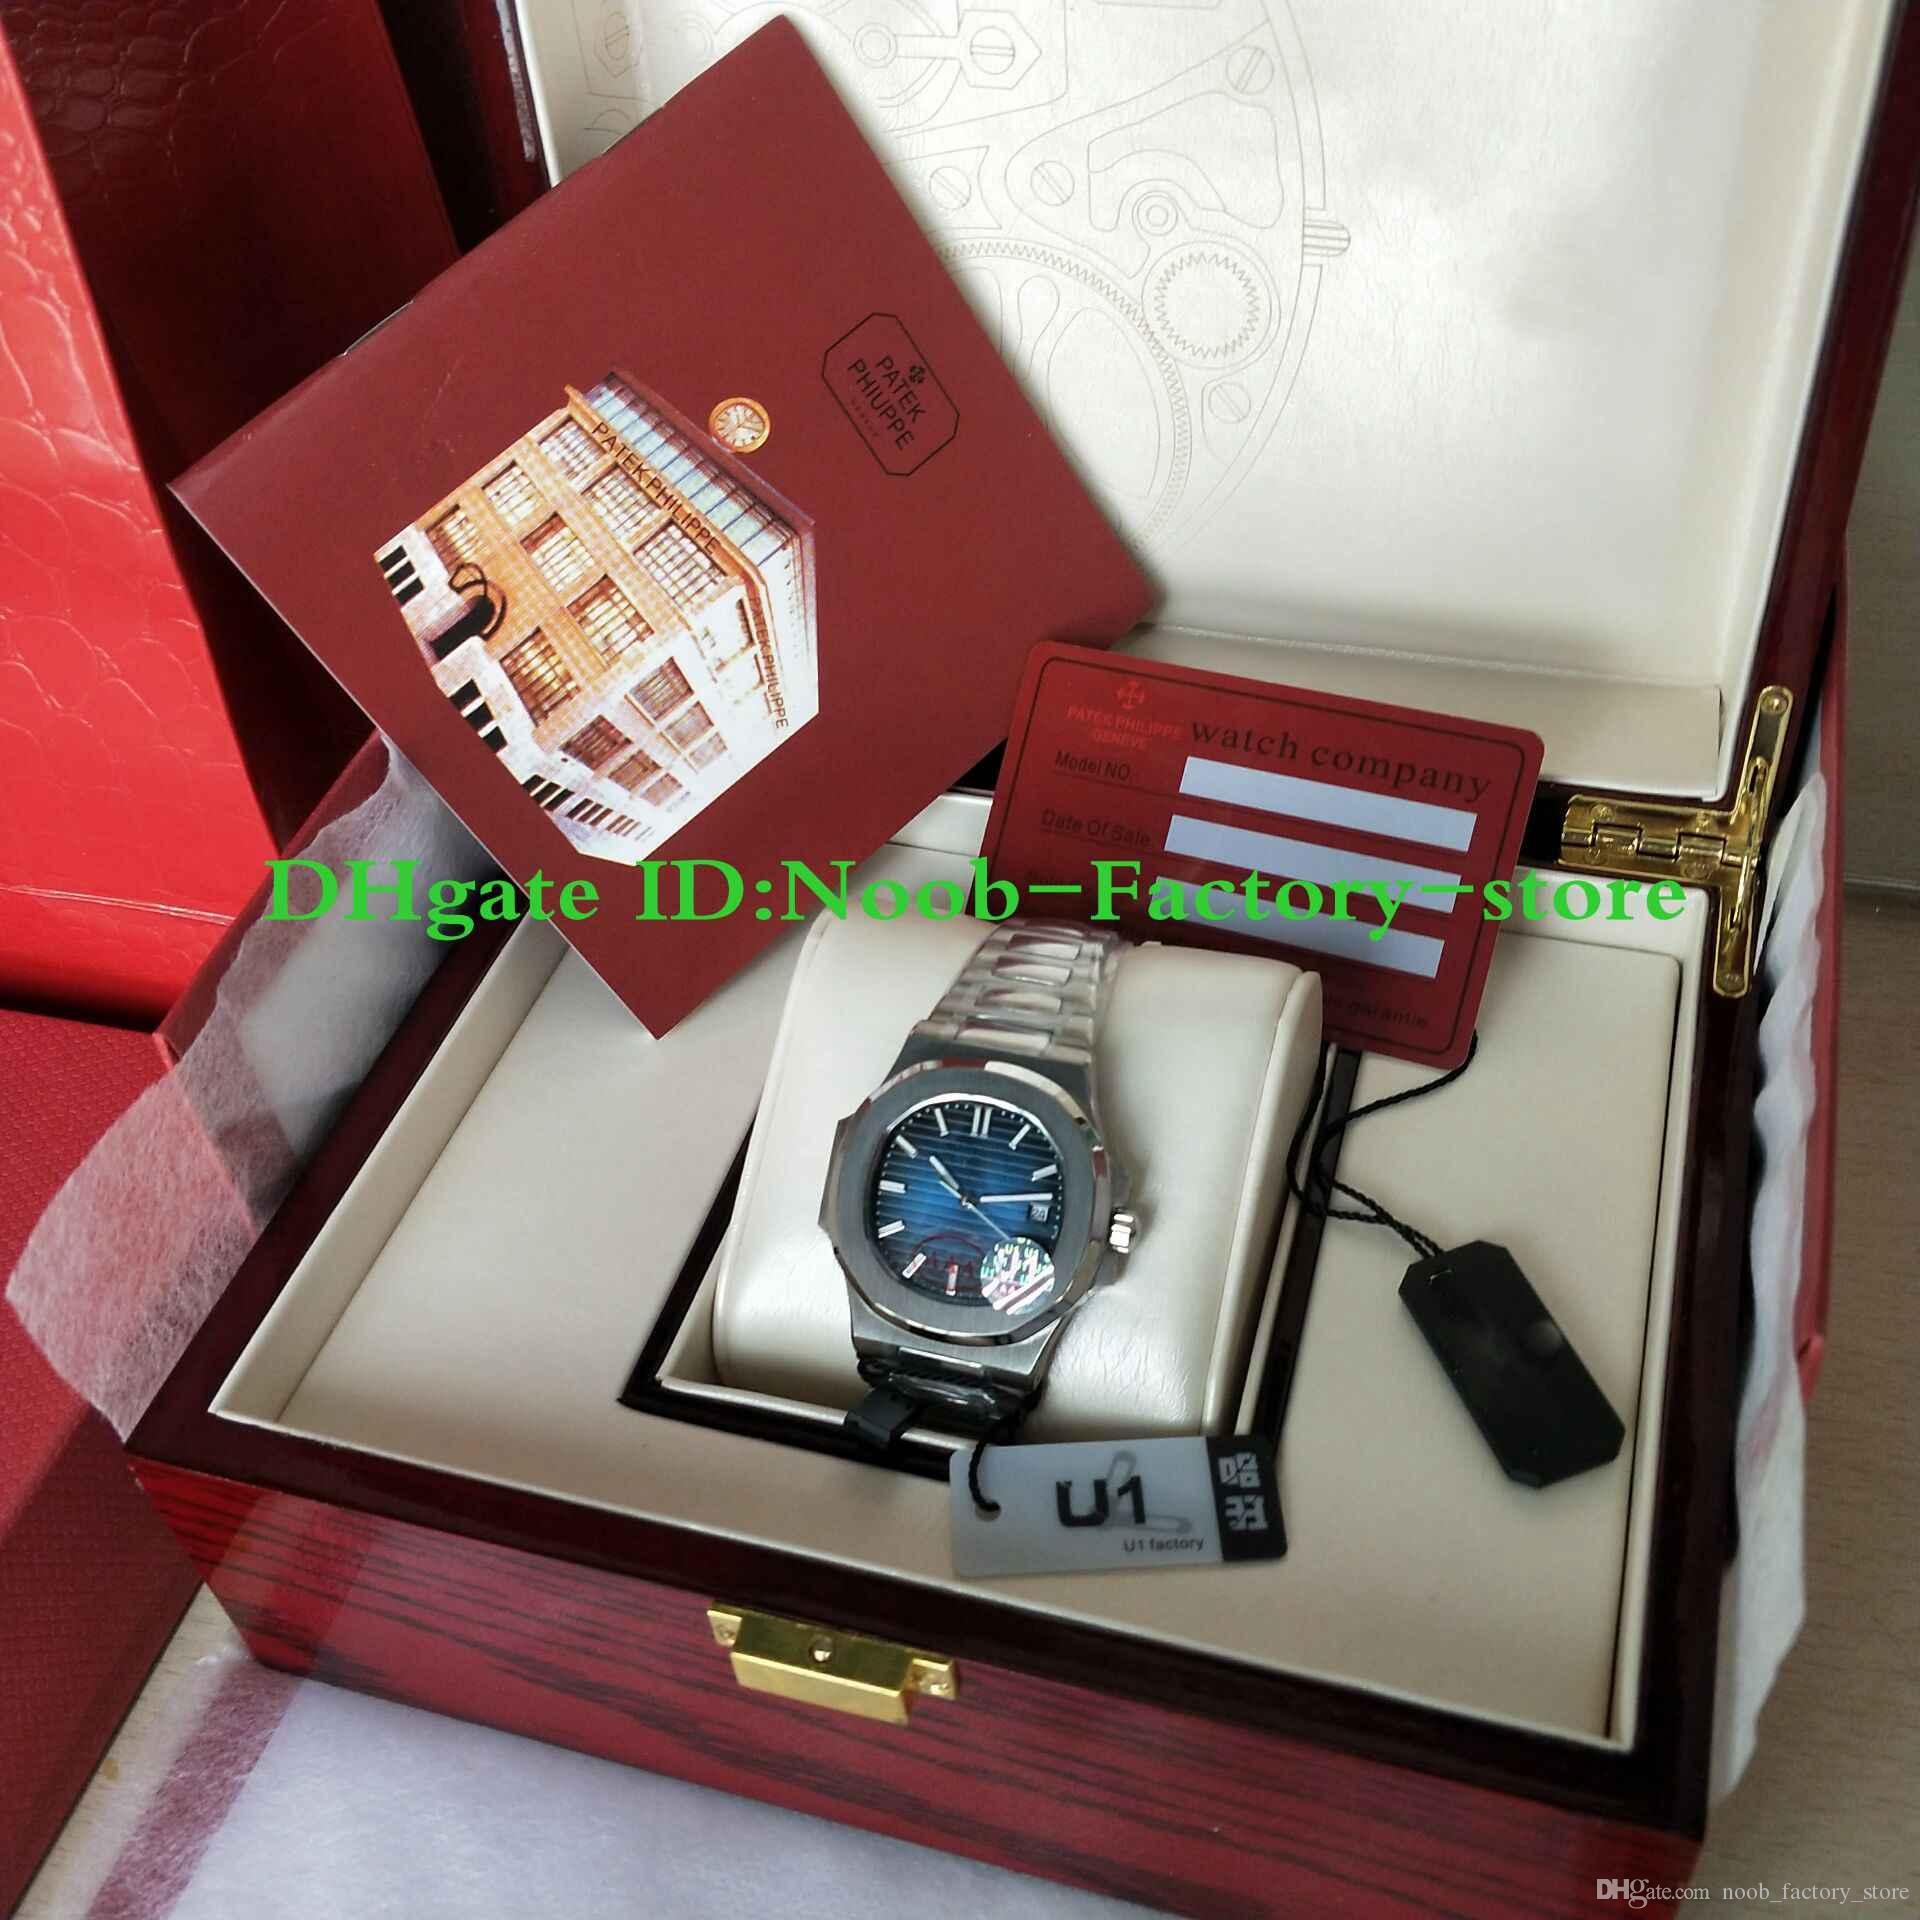 U1 공장 망 자동 운동 40 mm 시계 블루 다이얼 새로운 클래식 5711 / 1A 시계 투명 백 손목 시계 원래 상자